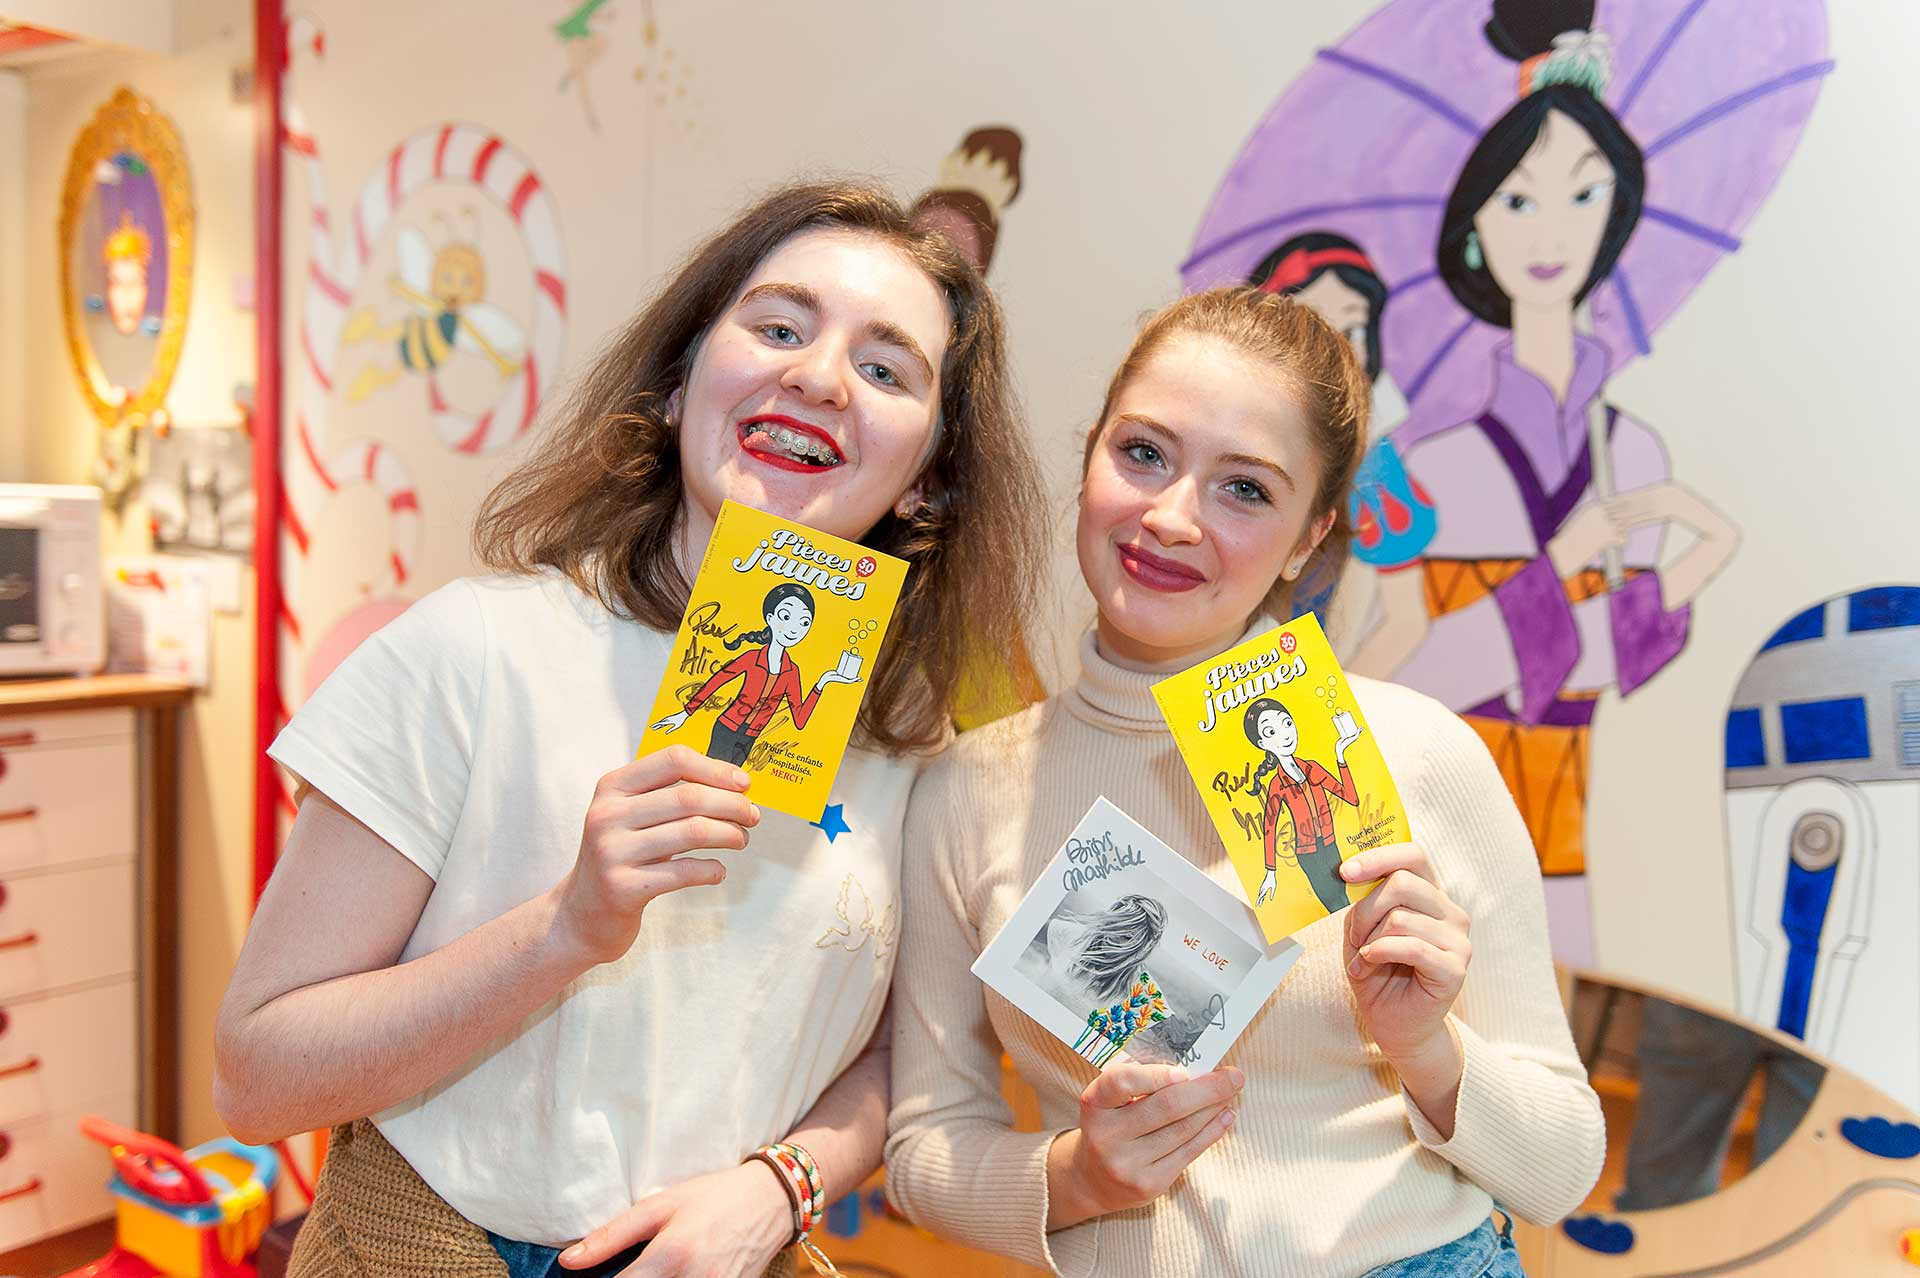 Deux patientes ont obtenu des autographes de Keen'V et Sophie Tapie à l'occasion de l'inauguration de l'hôpital de jour de médecine de l'adolescent